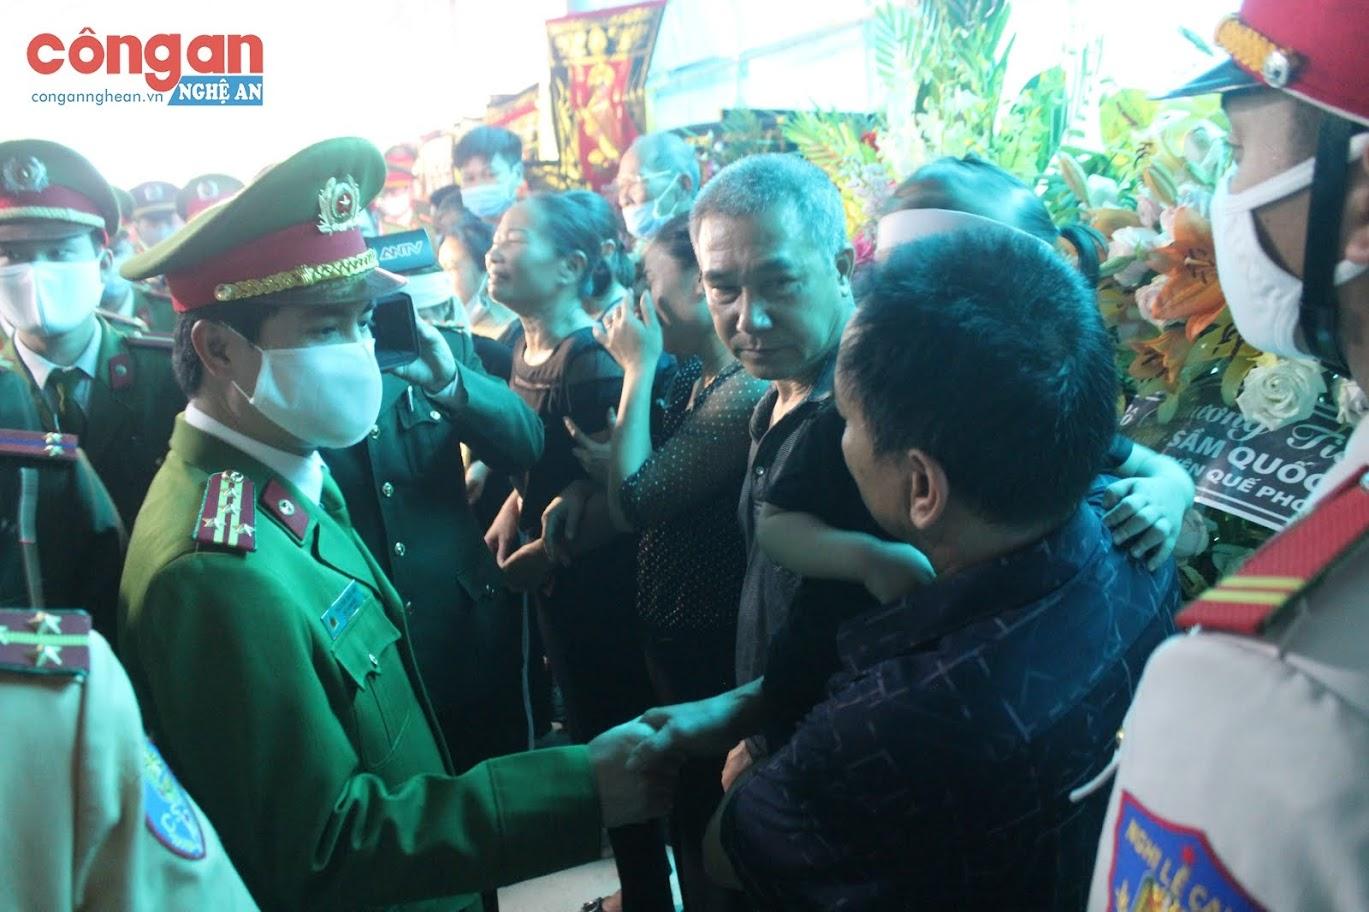 Đồng chí Đại tá Nguyễn Đức Hải, Phó giám đốc Công an tỉnh động viên, chia sẻ nổi đau với gia đình Đại uý Sầm Quốc Nghĩa